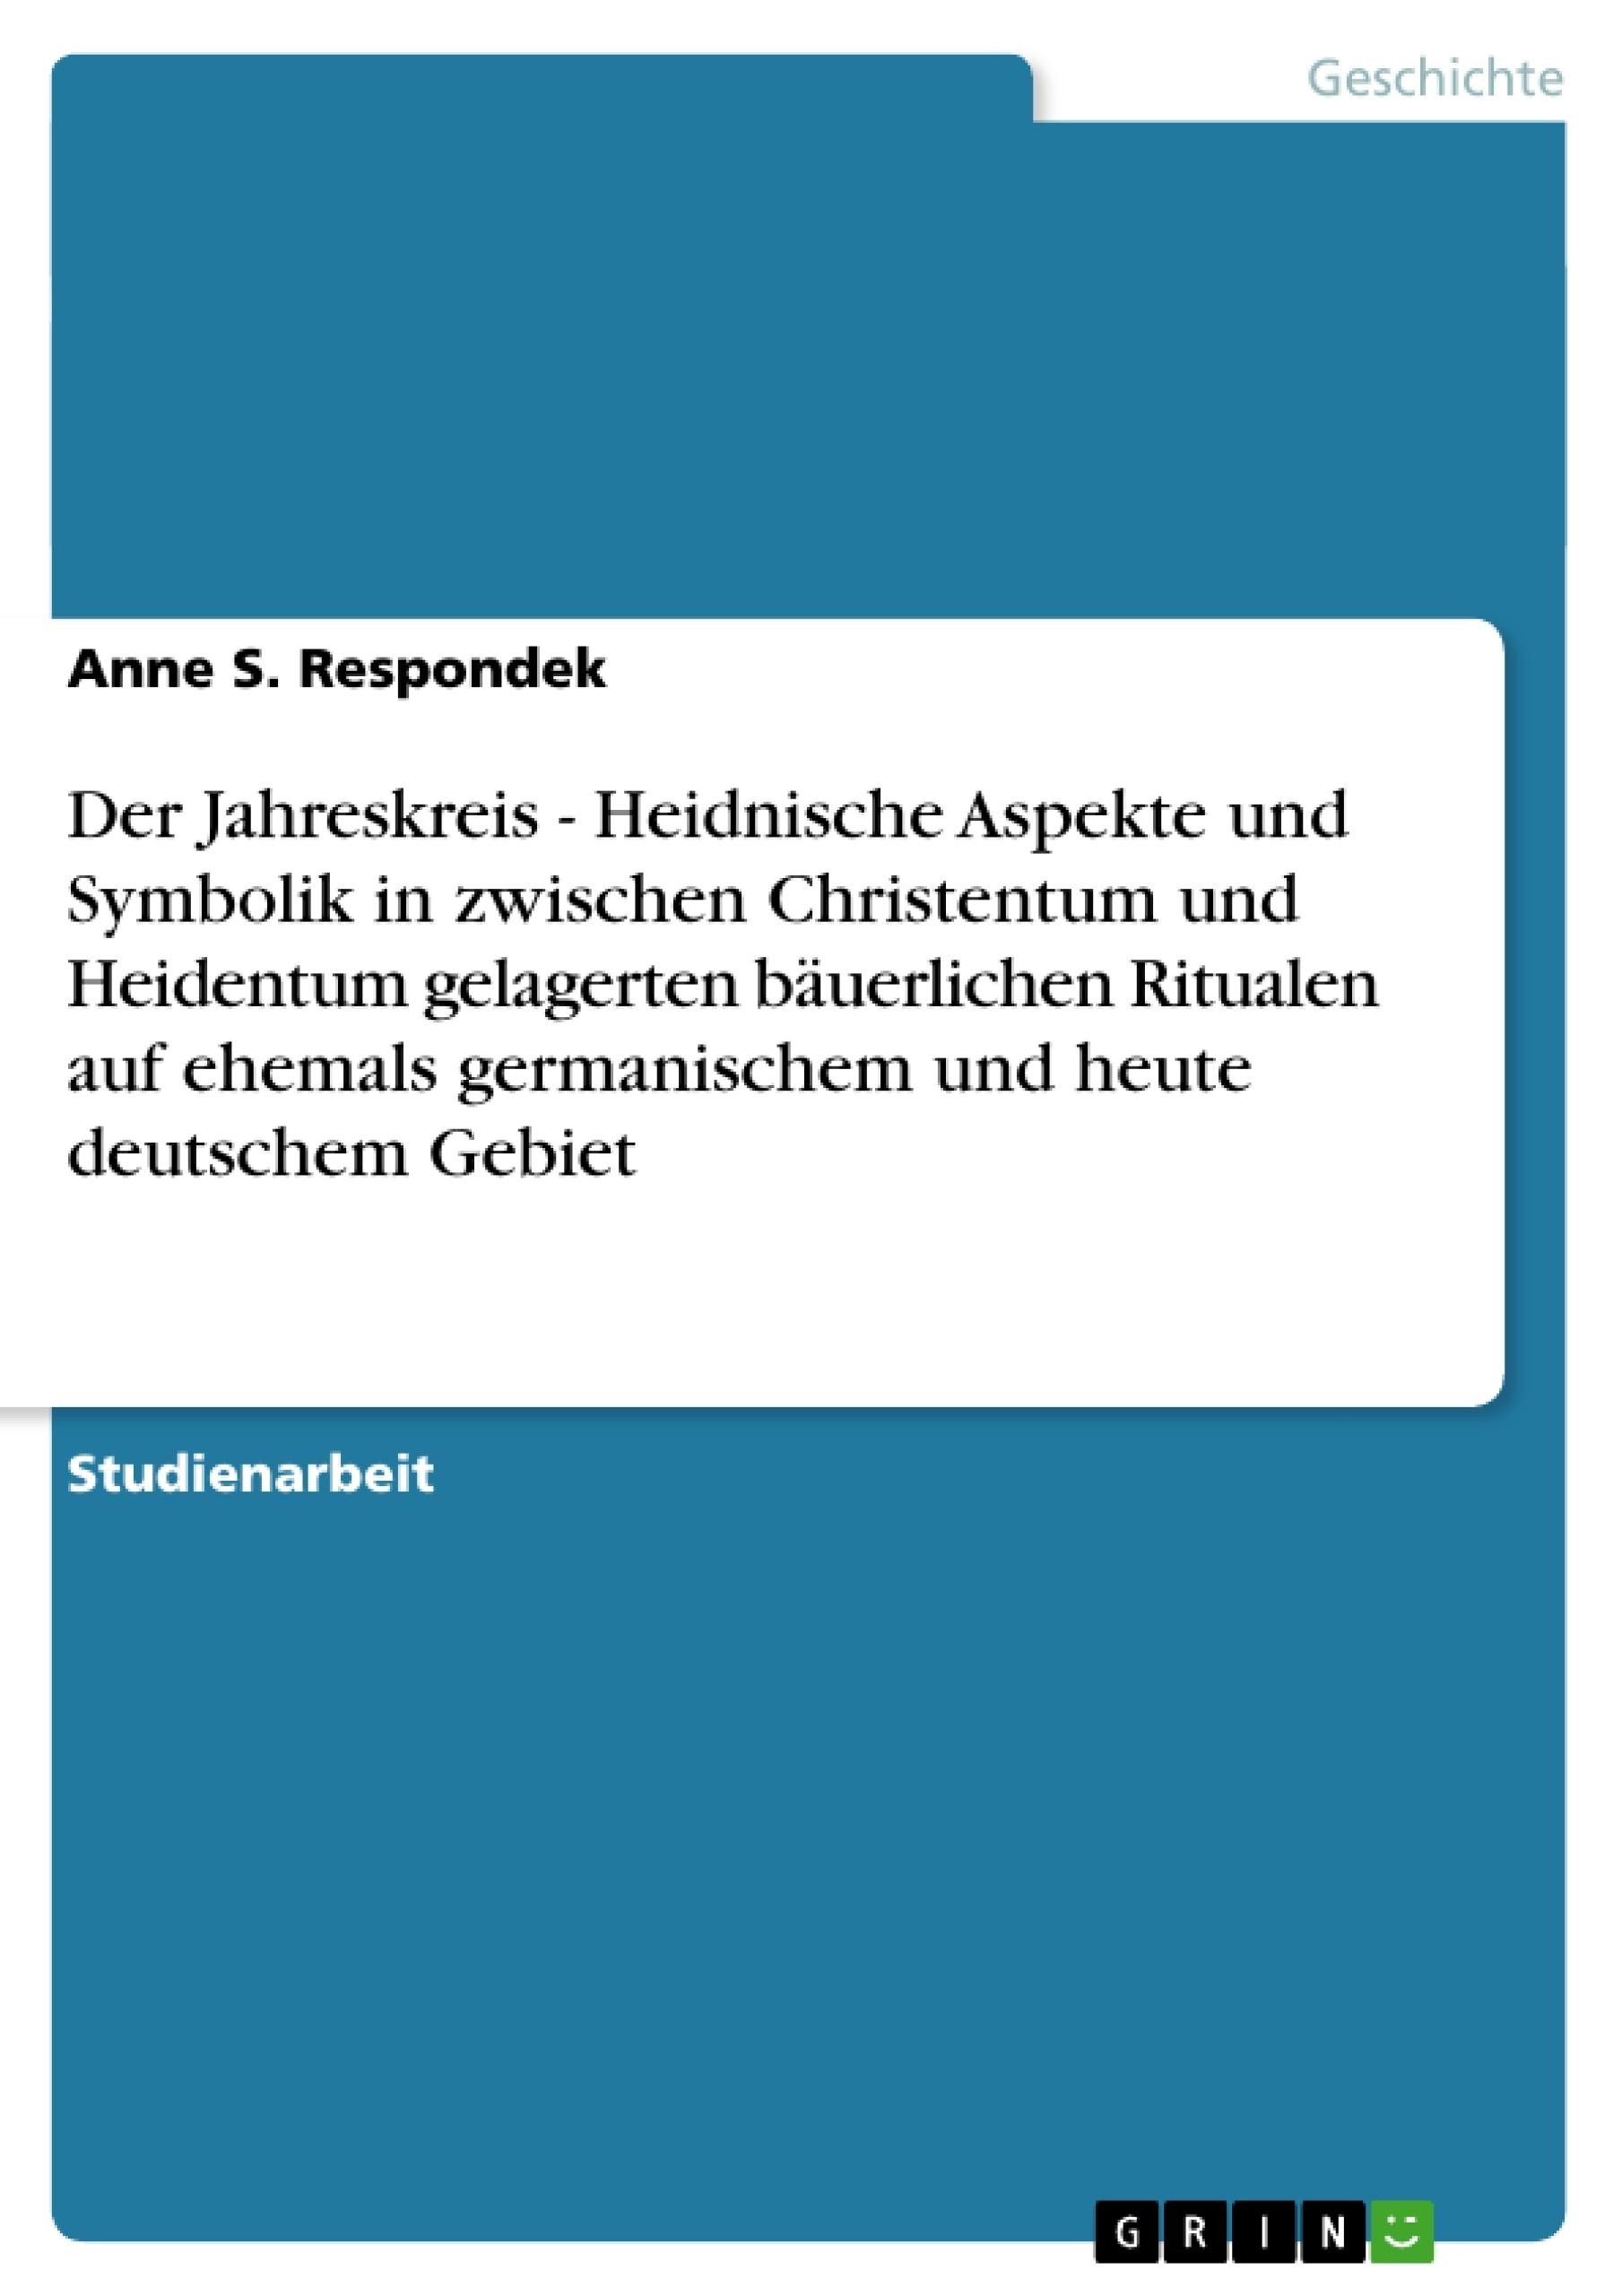 Titel: Der Jahreskreis - Heidnische Aspekte und Symbolik in zwischen Christentum und Heidentum gelagerten bäuerlichen Ritualen auf ehemals germanischem und heute deutschem Gebiet